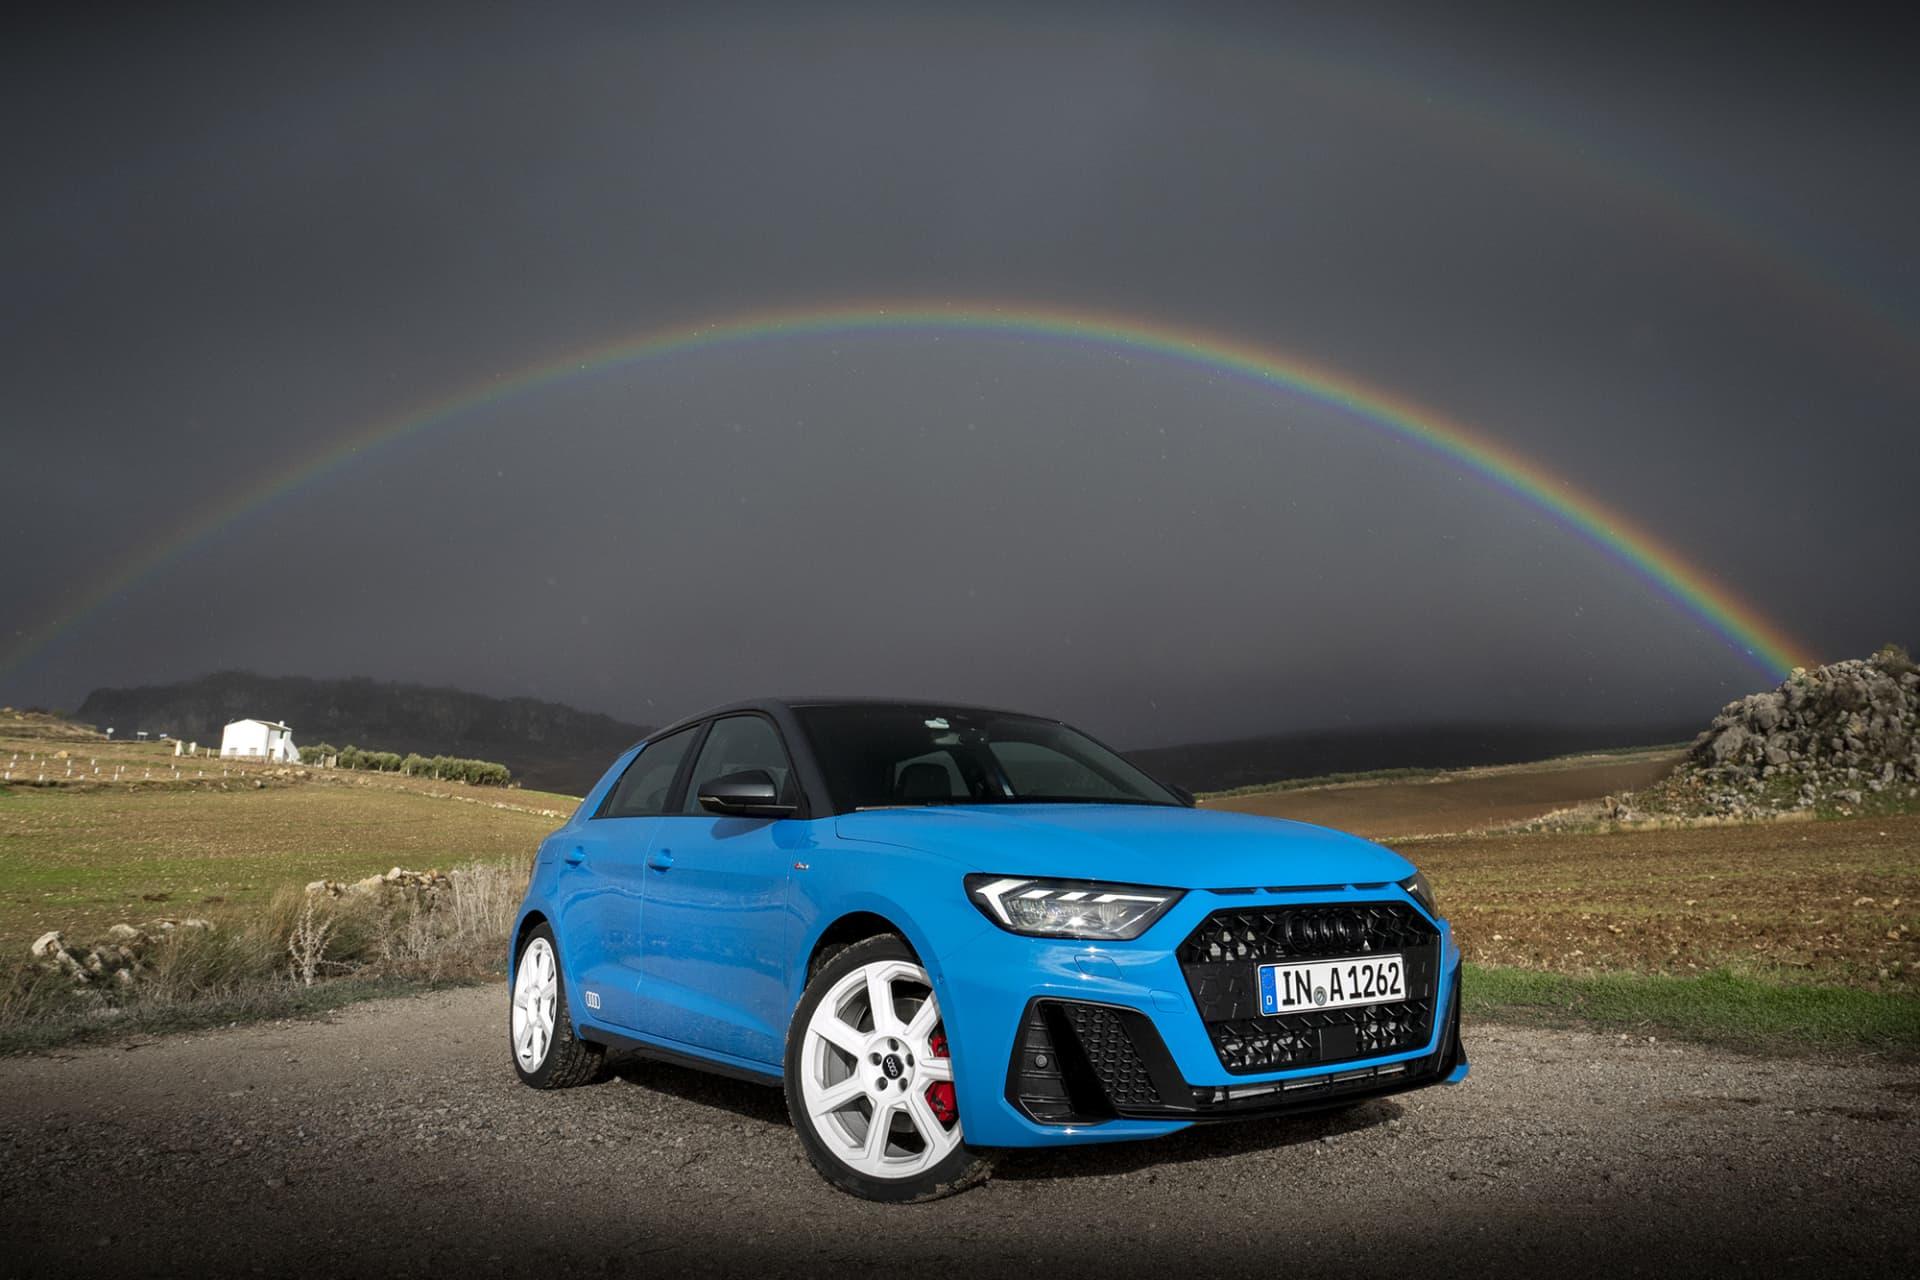 På den Spanska landsbygden ovanför Málaga kämpar en praktfull regnbåge för att visa upp sina färger lika starkt som nya Audi A1 Sportback. Den turkosblå färgen har namnet Turboblå.